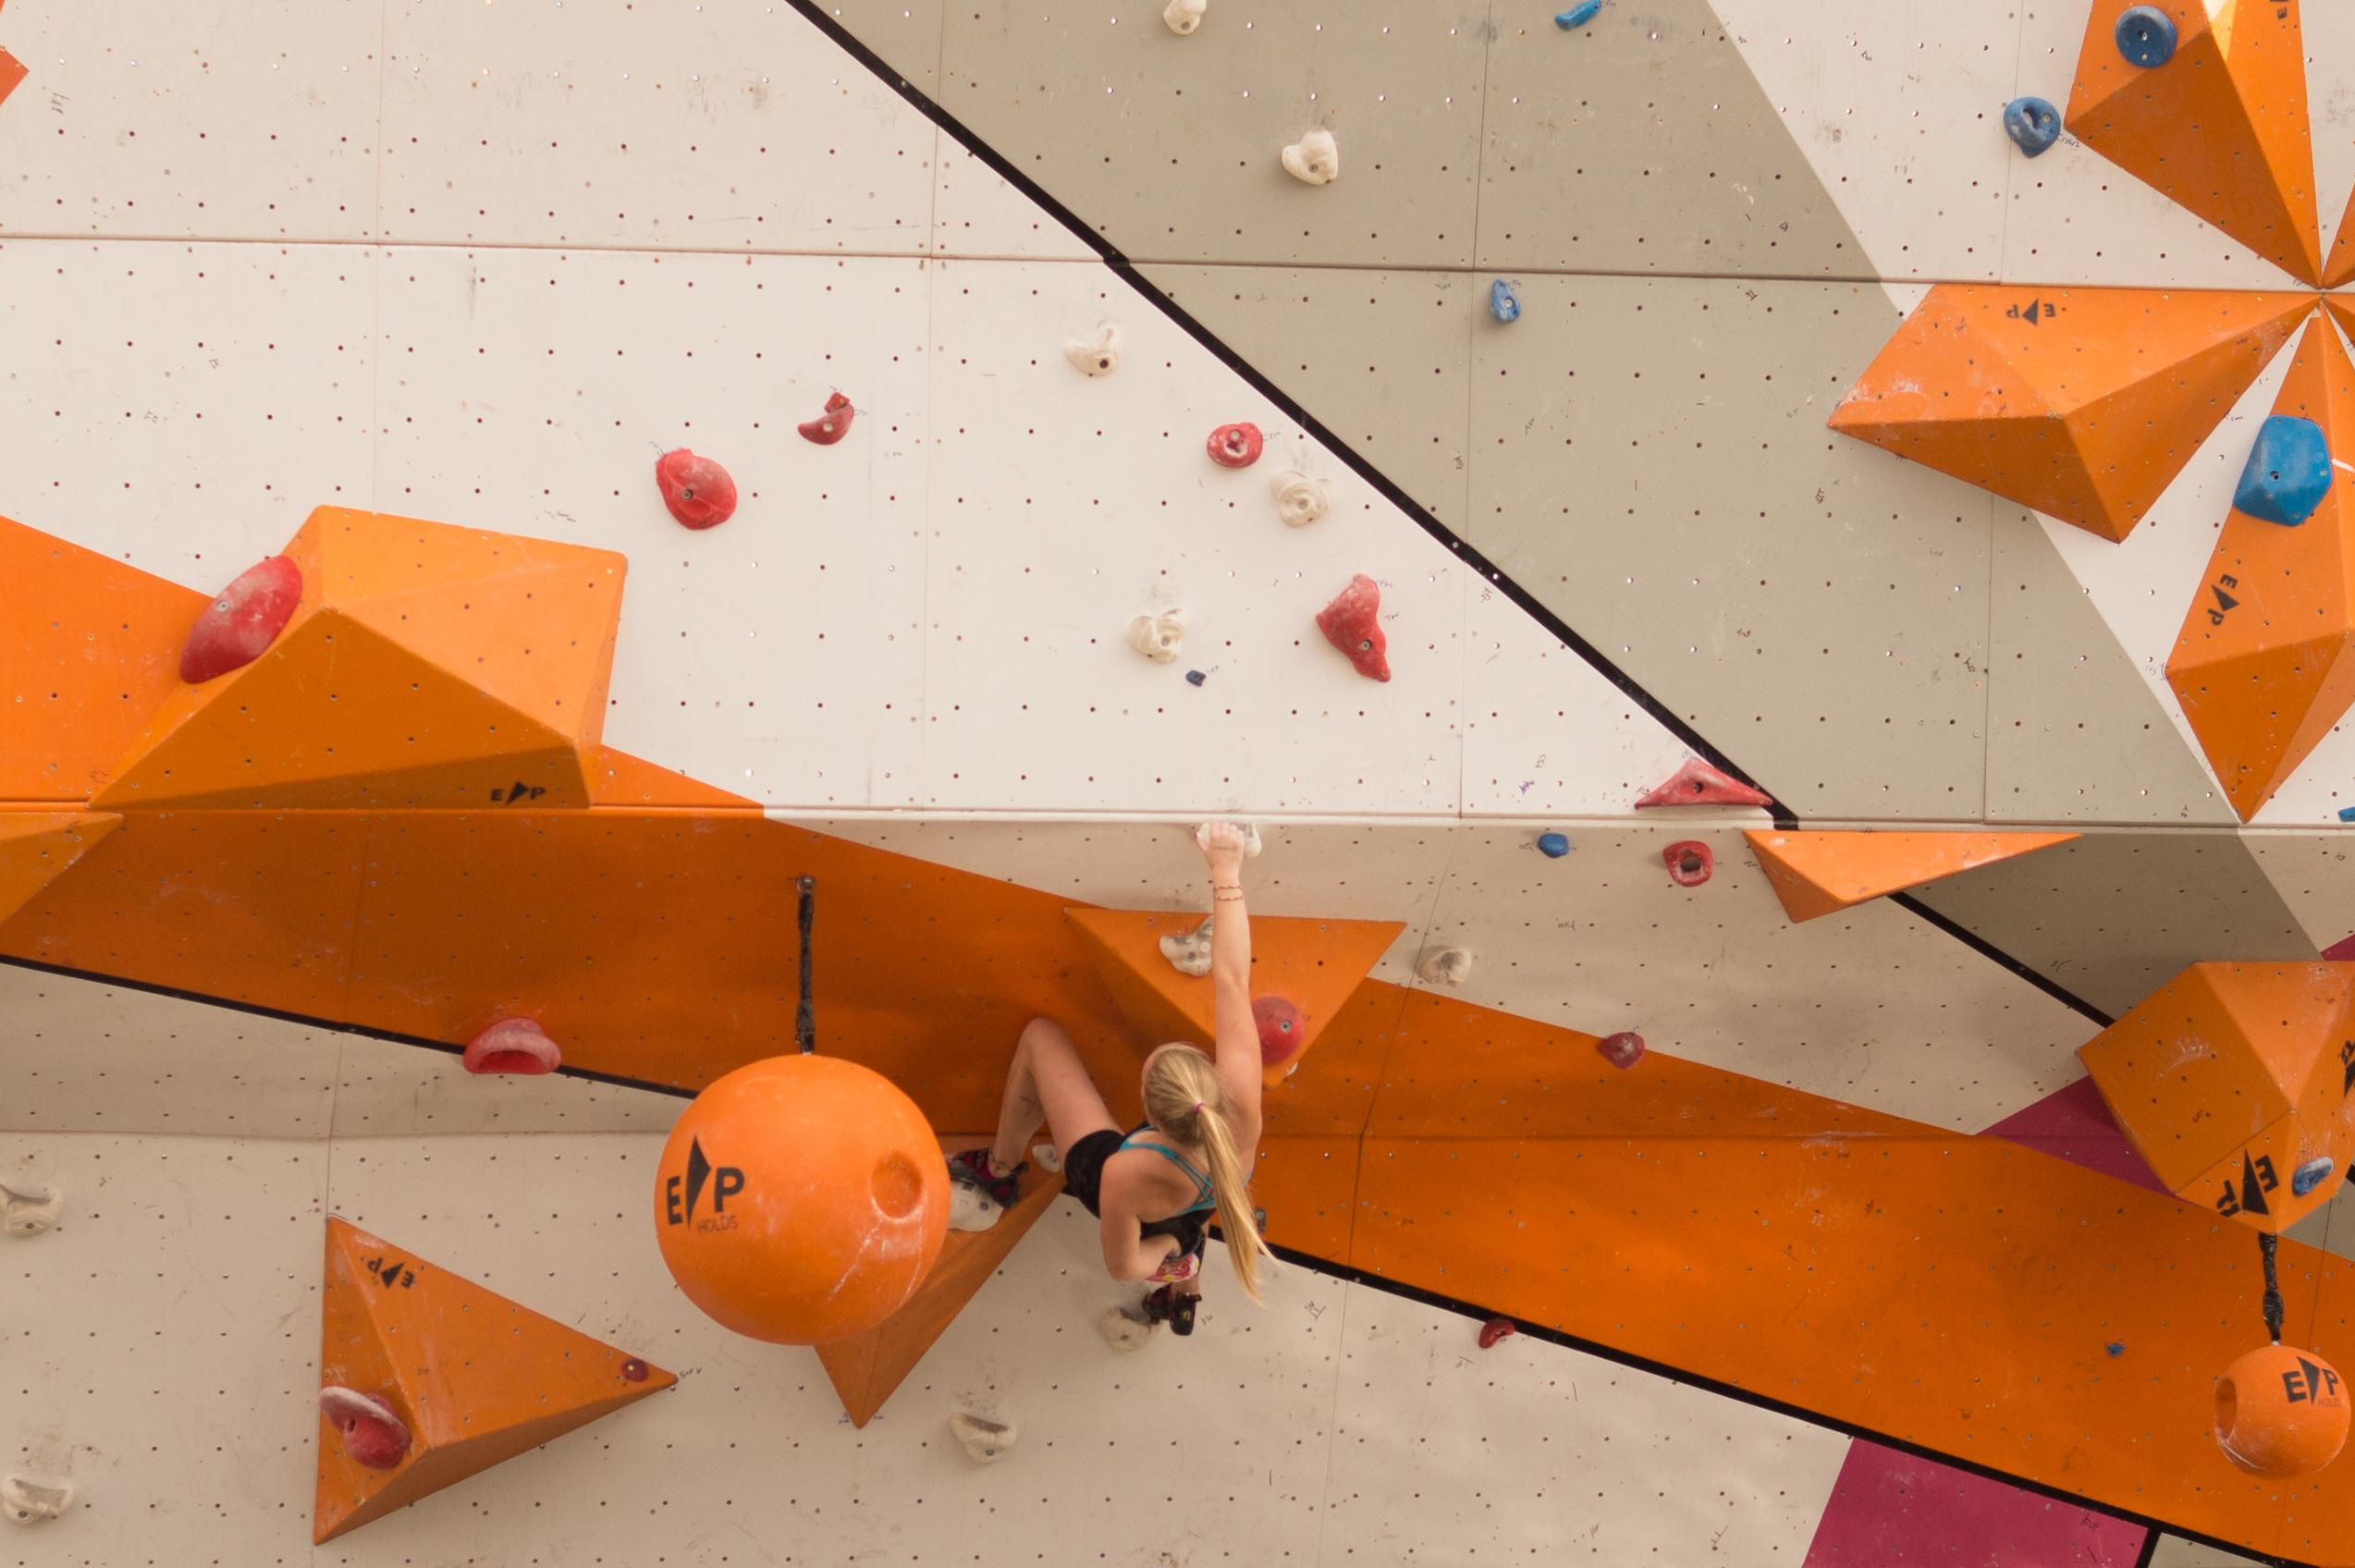 Freeclimbing olympics